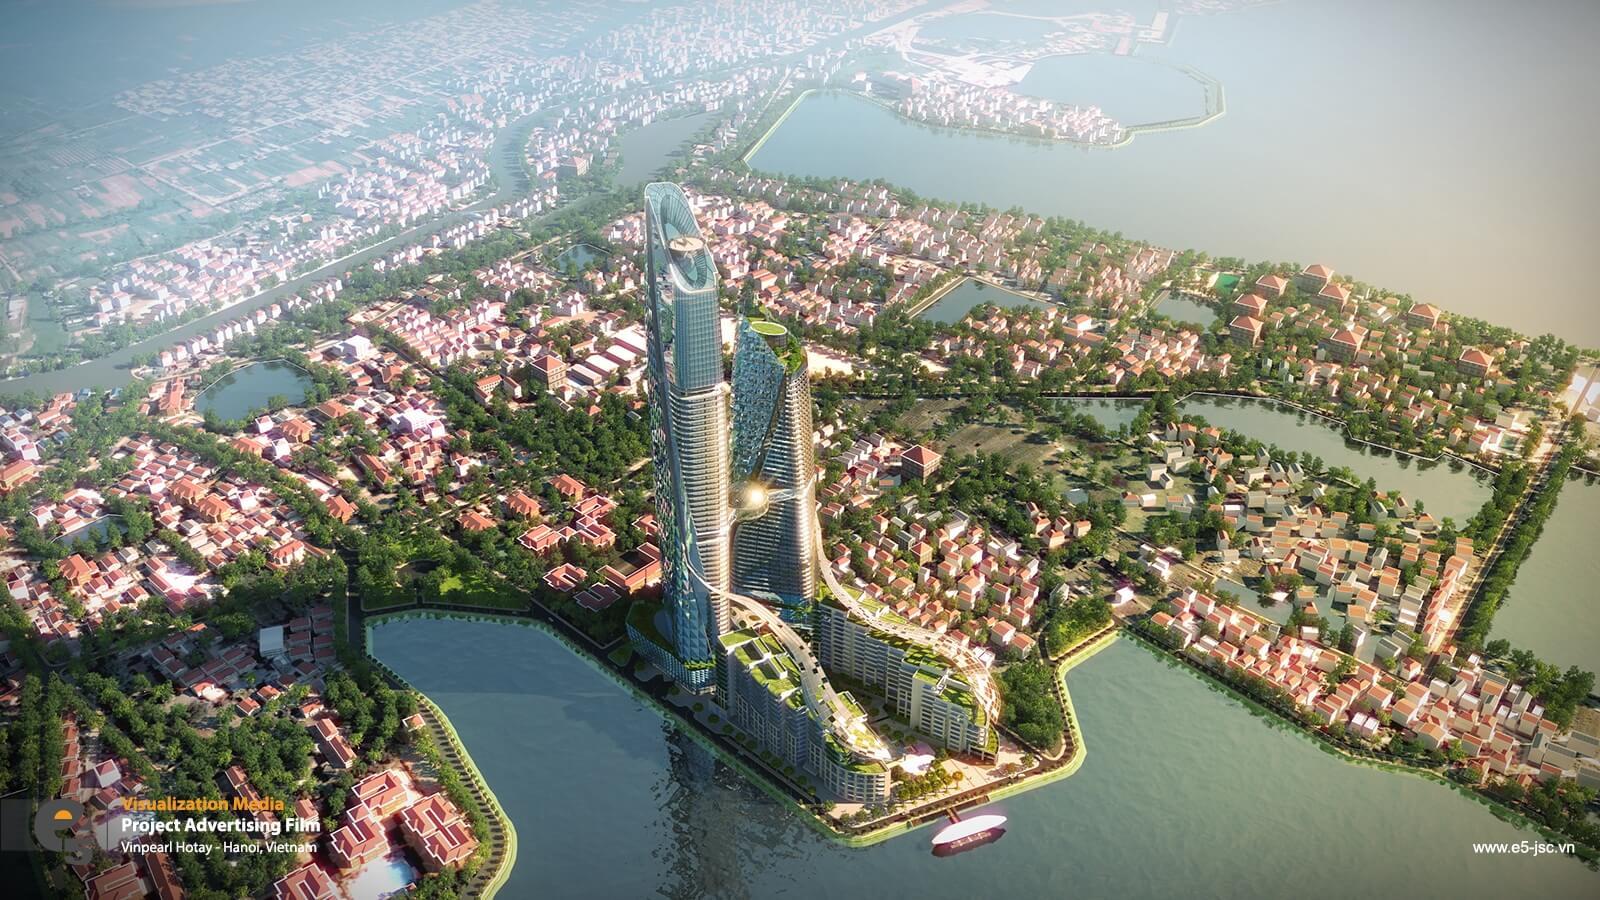 Dự án chung cư Sun Group Quảng An.